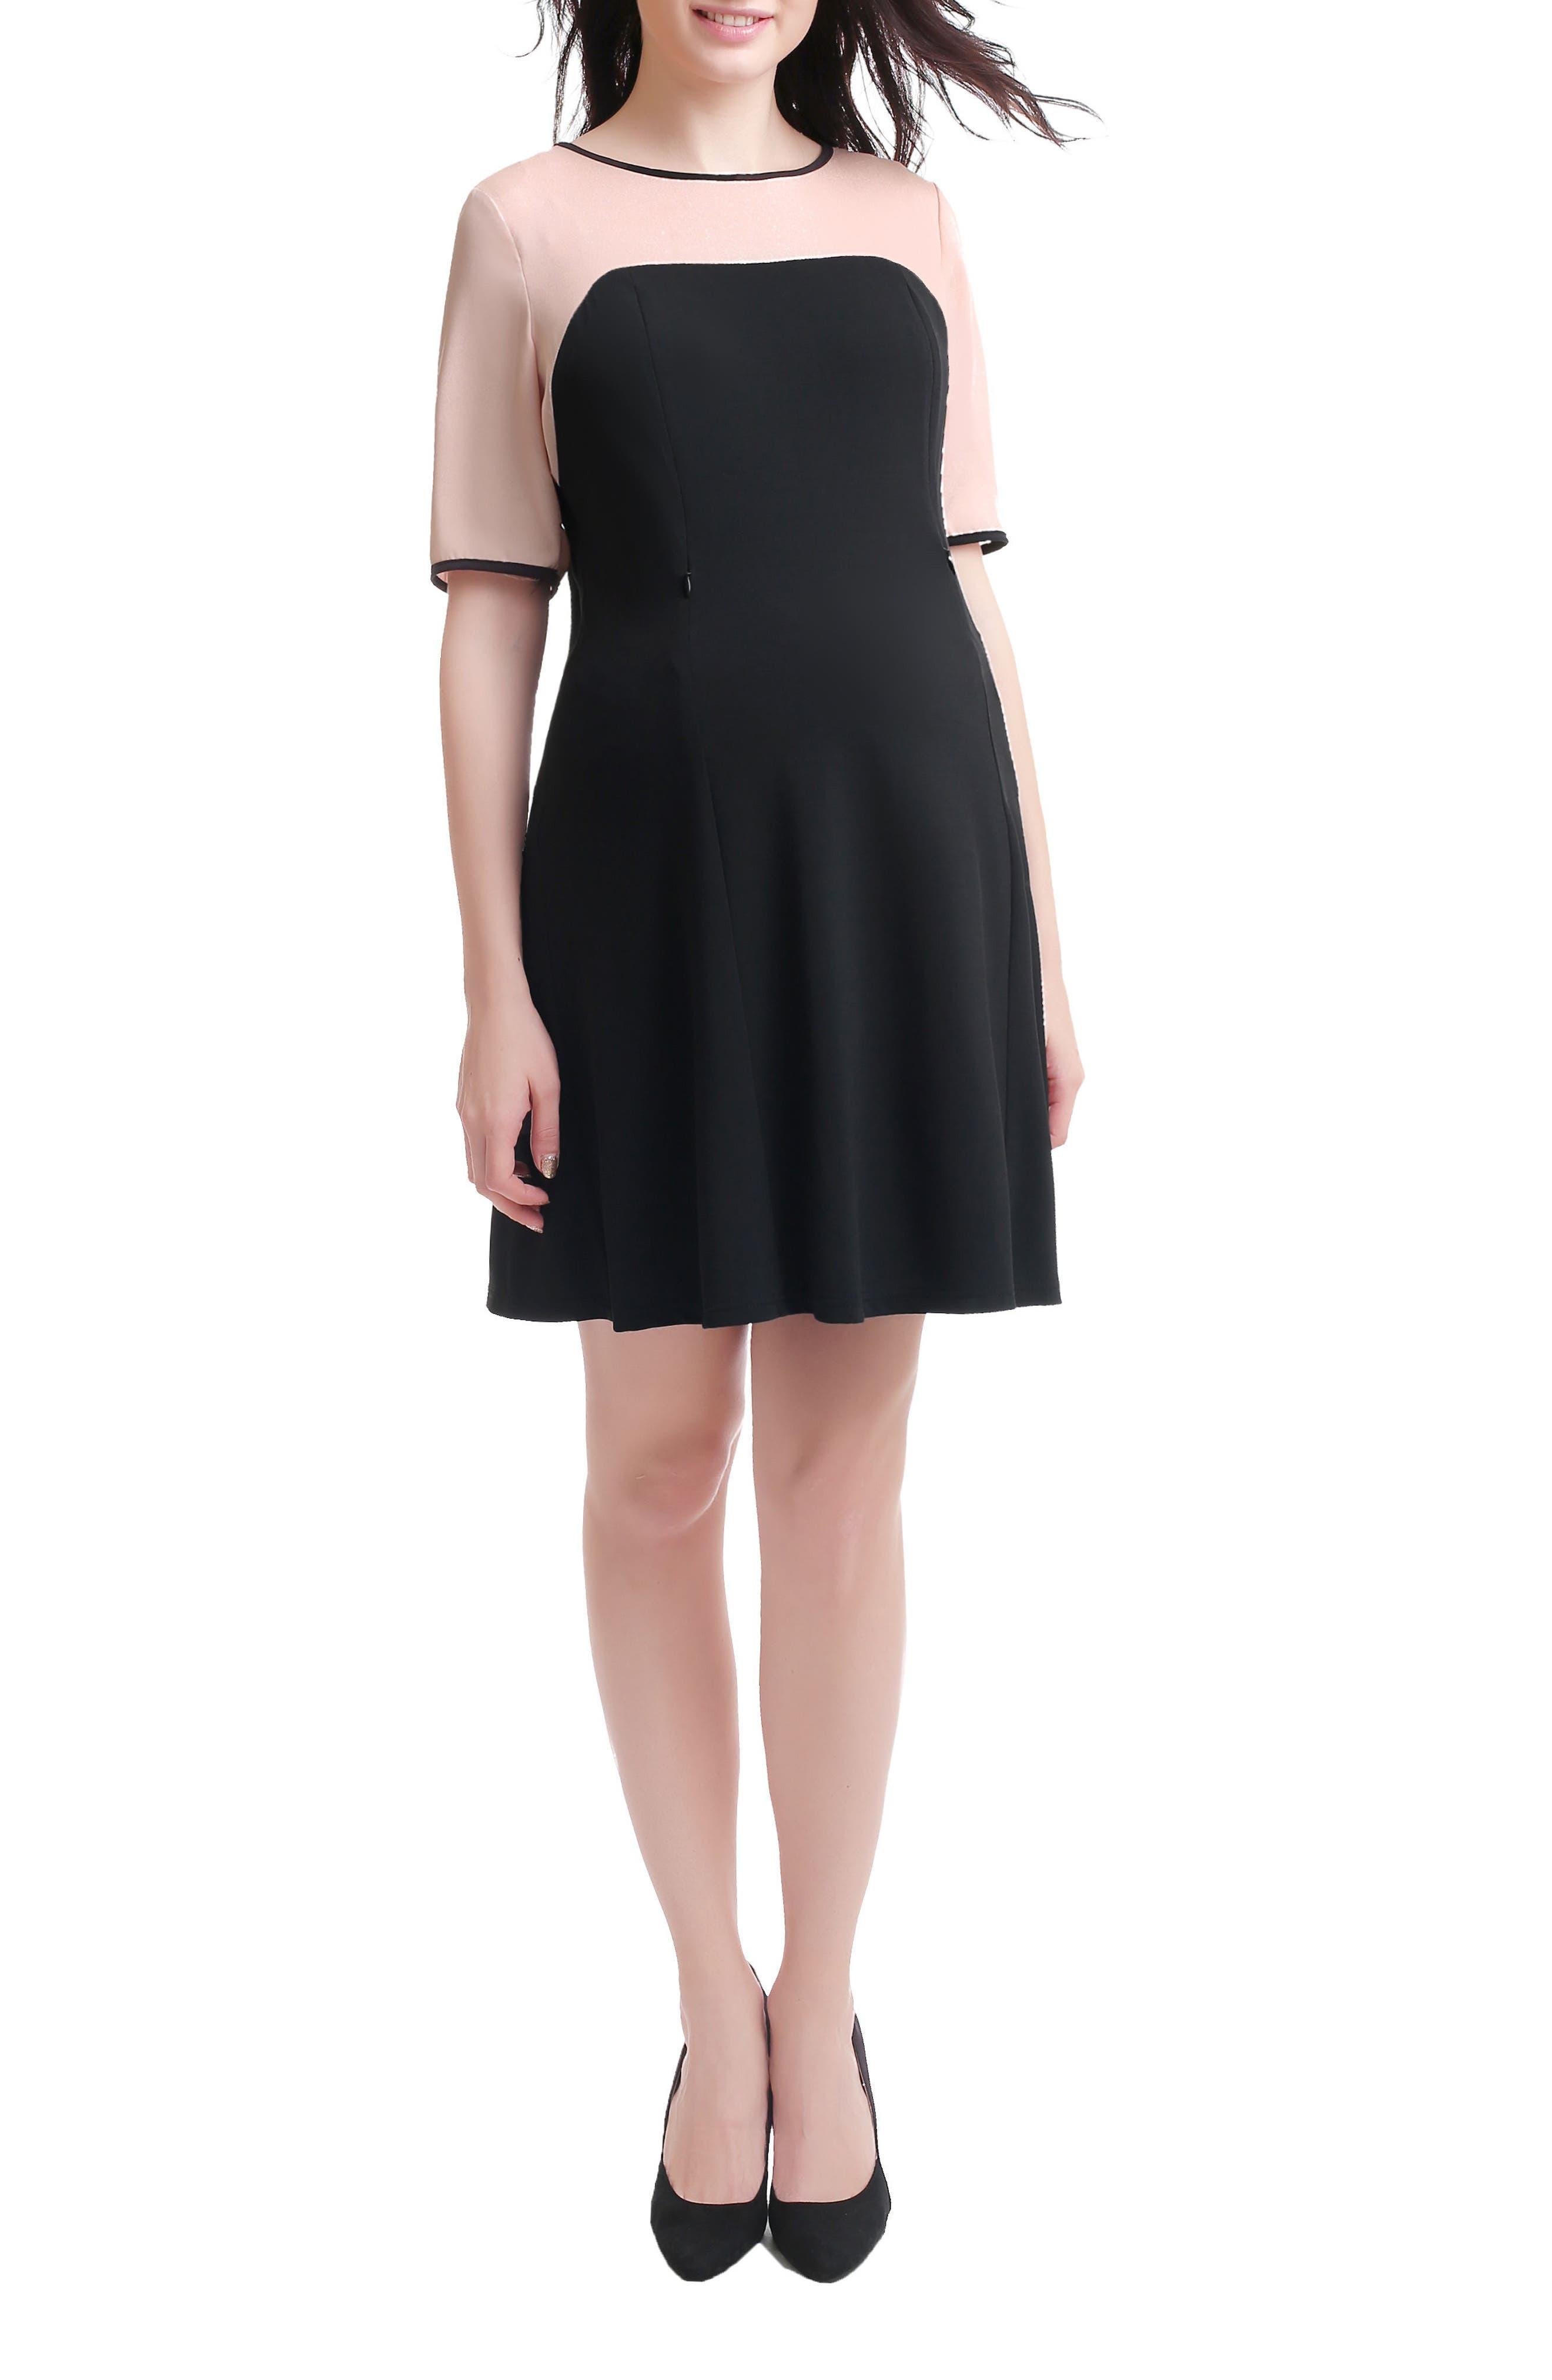 Kimi & Kai Maggie Maternity/Nursing Shift Dress,                         Main,                         color, Black/ Blush